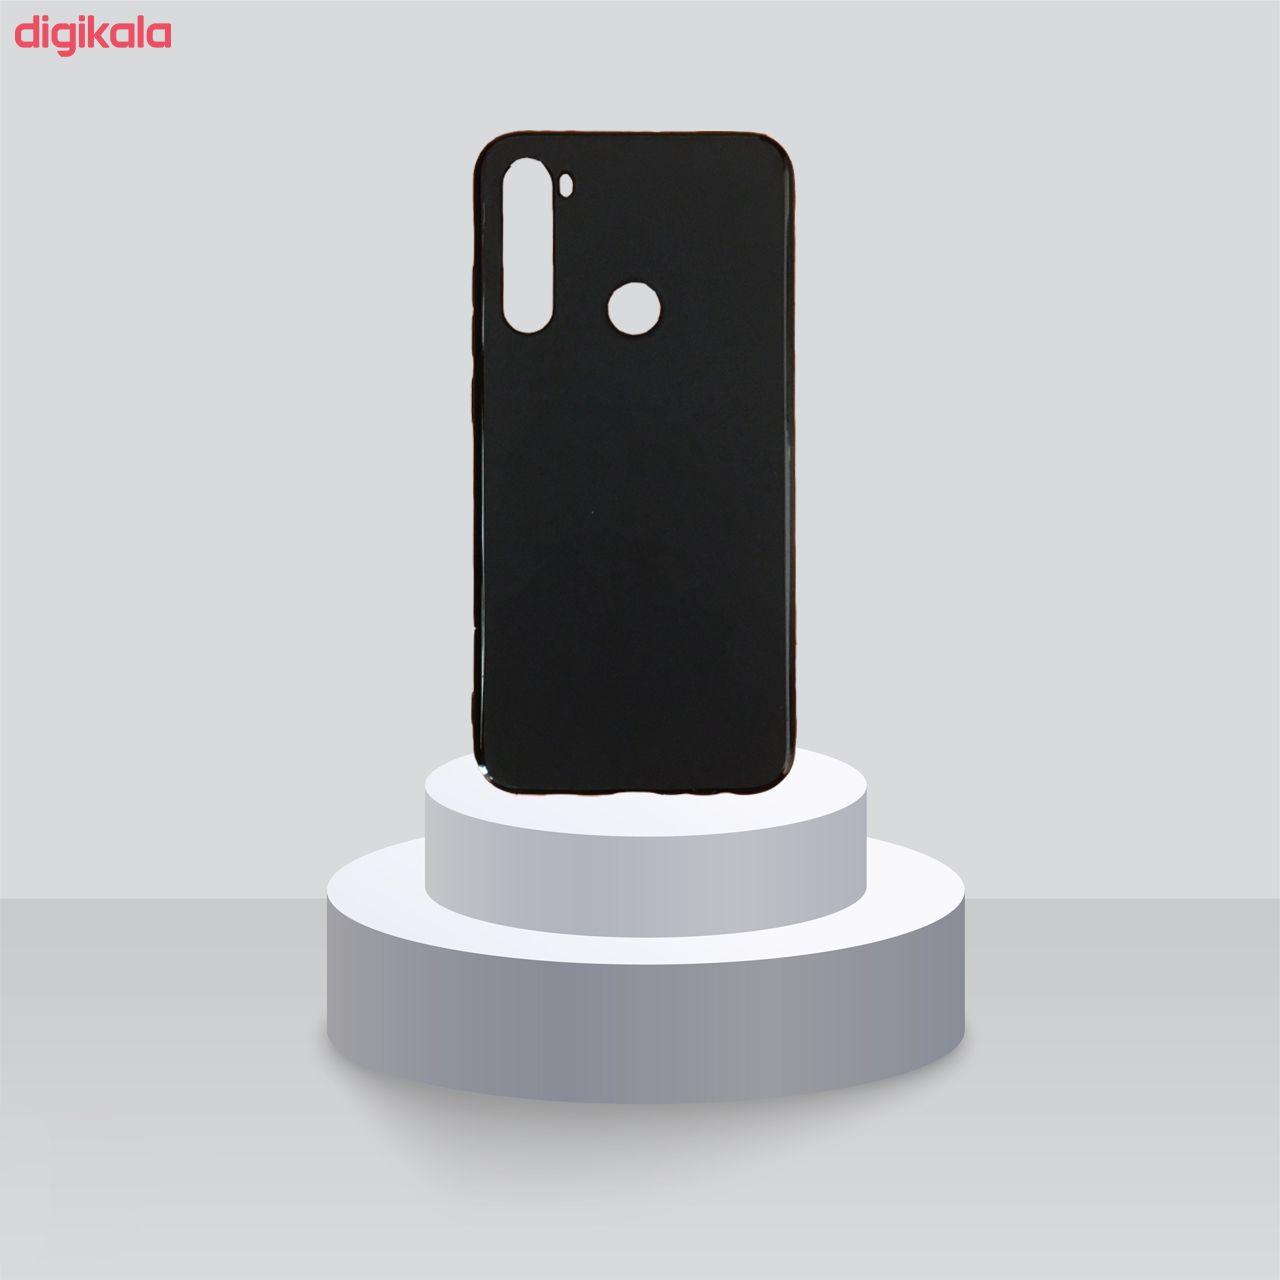 کاور مدل S05 مناسب برای گوشی موبایل شیائومی Redmi Note 8 main 1 1